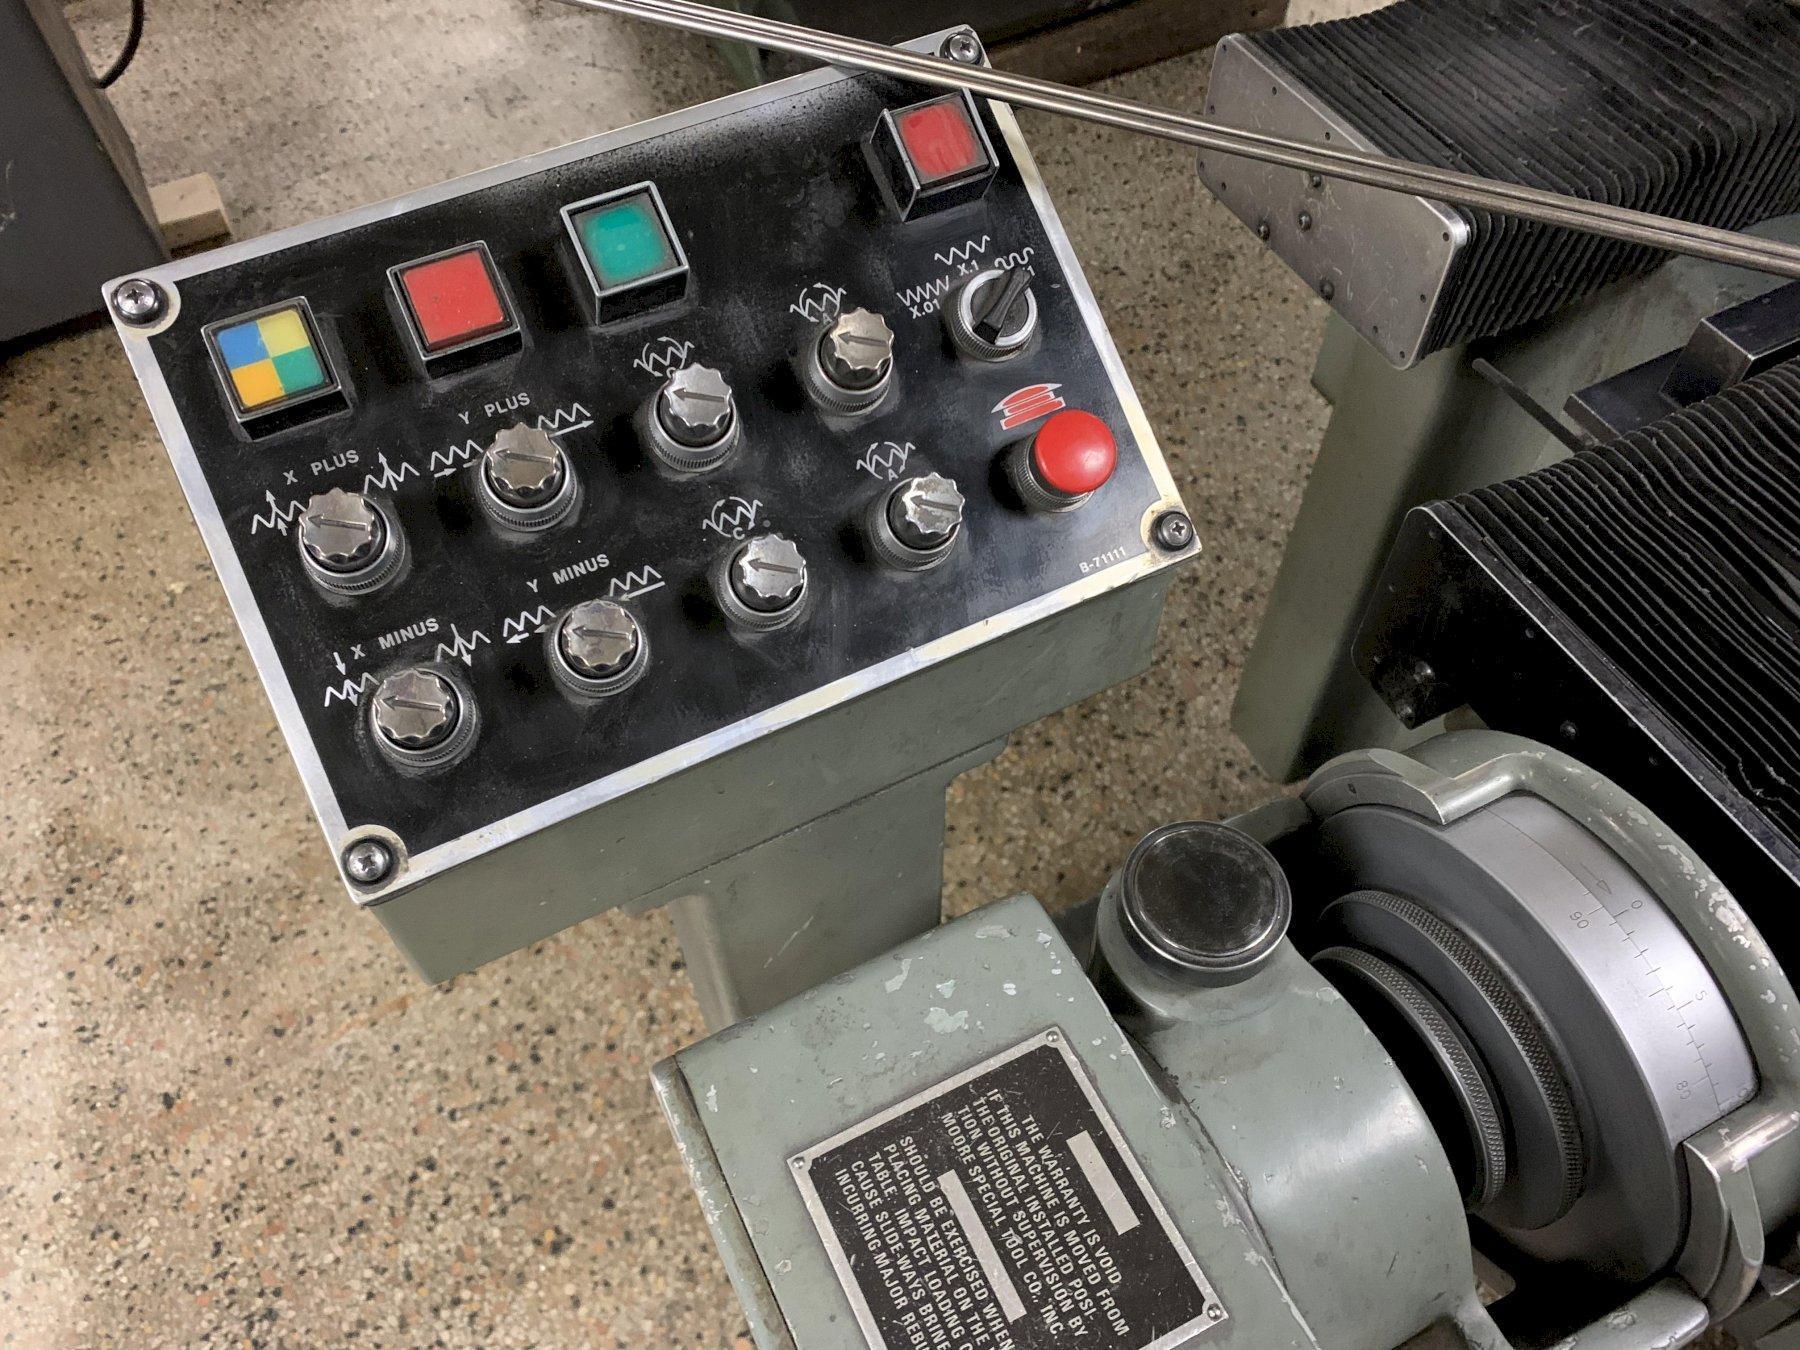 Moore Model G18 1050 Jig Grinder, S/N G3625